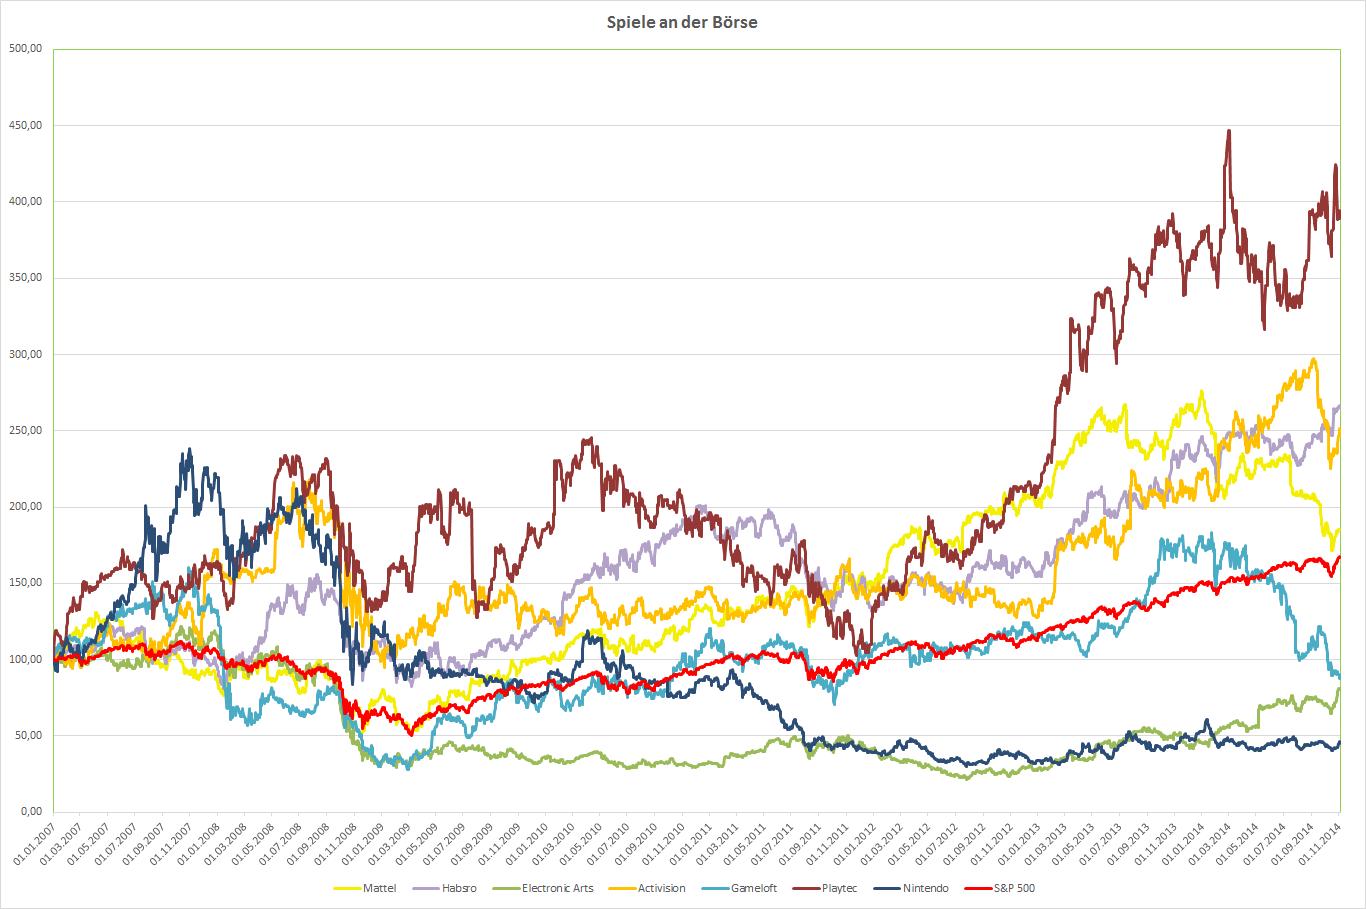 klassische und elektronische Spiele-Produzenten im Vergleich seit 2007